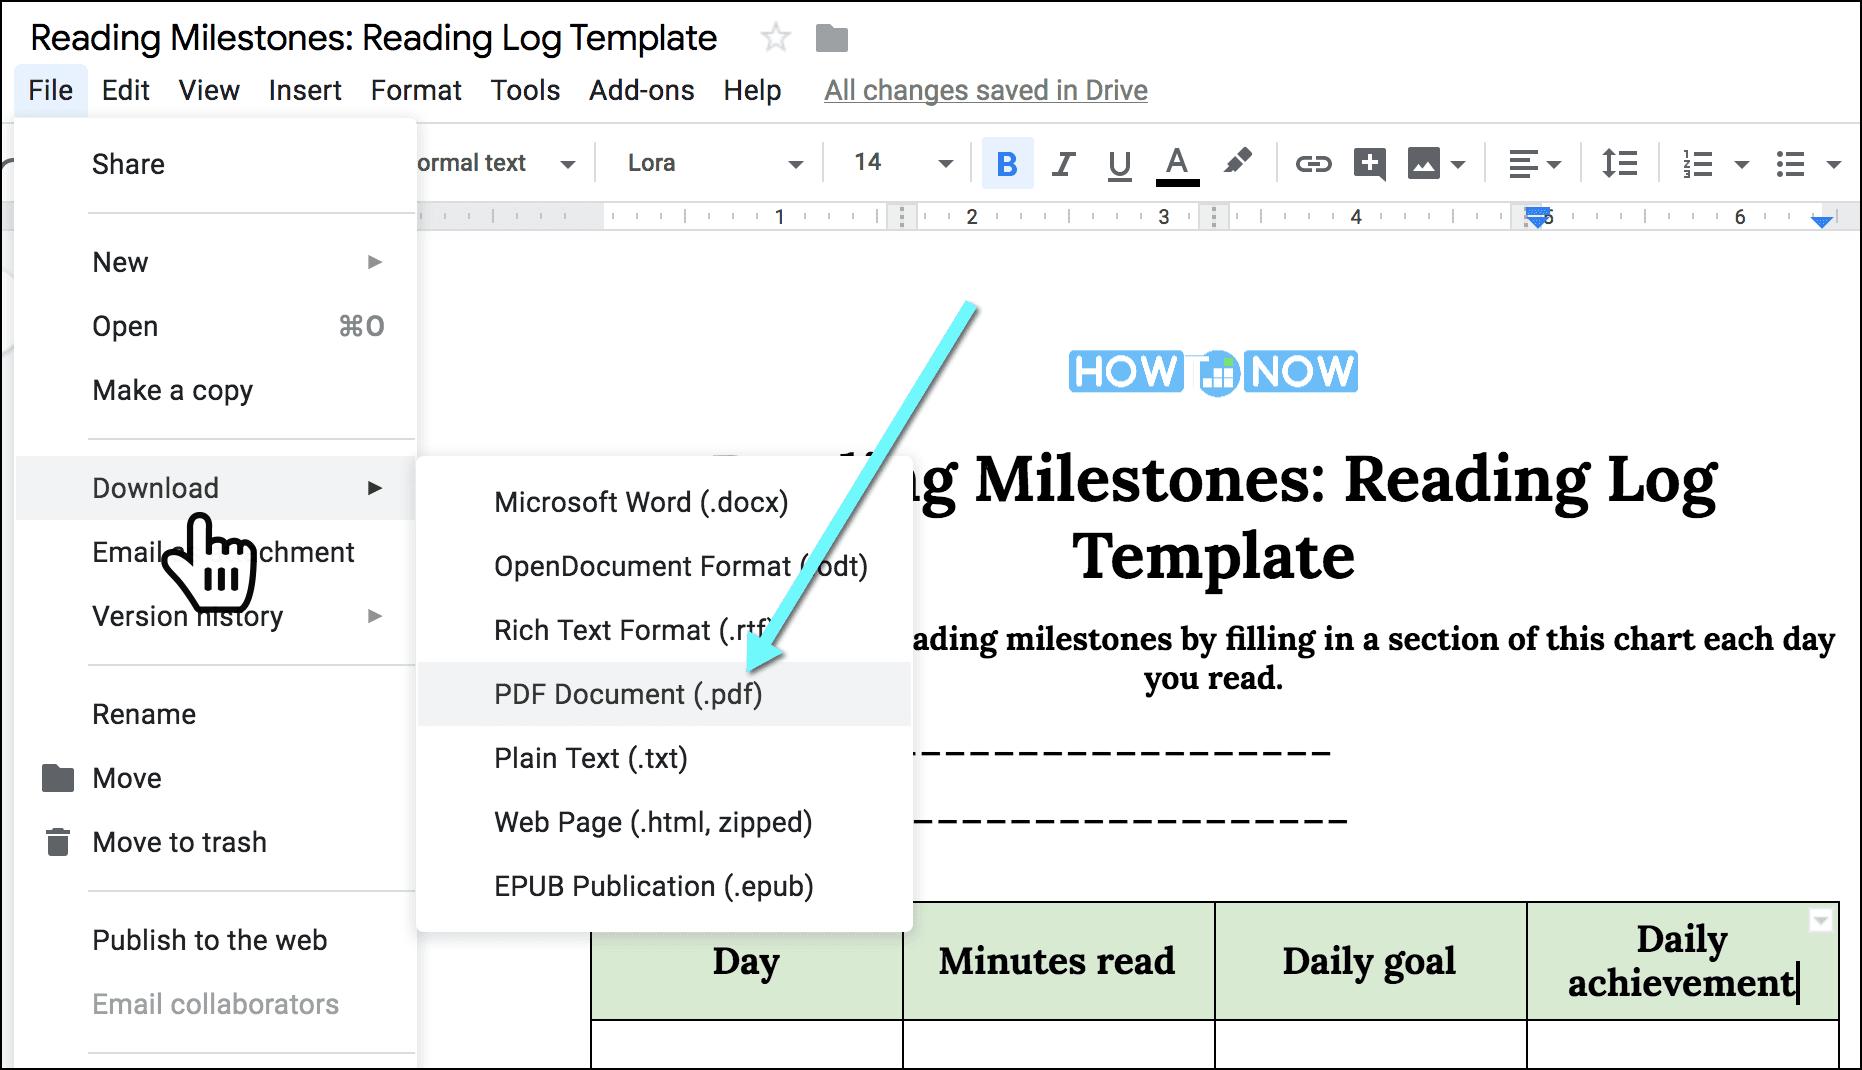 Reading milestones